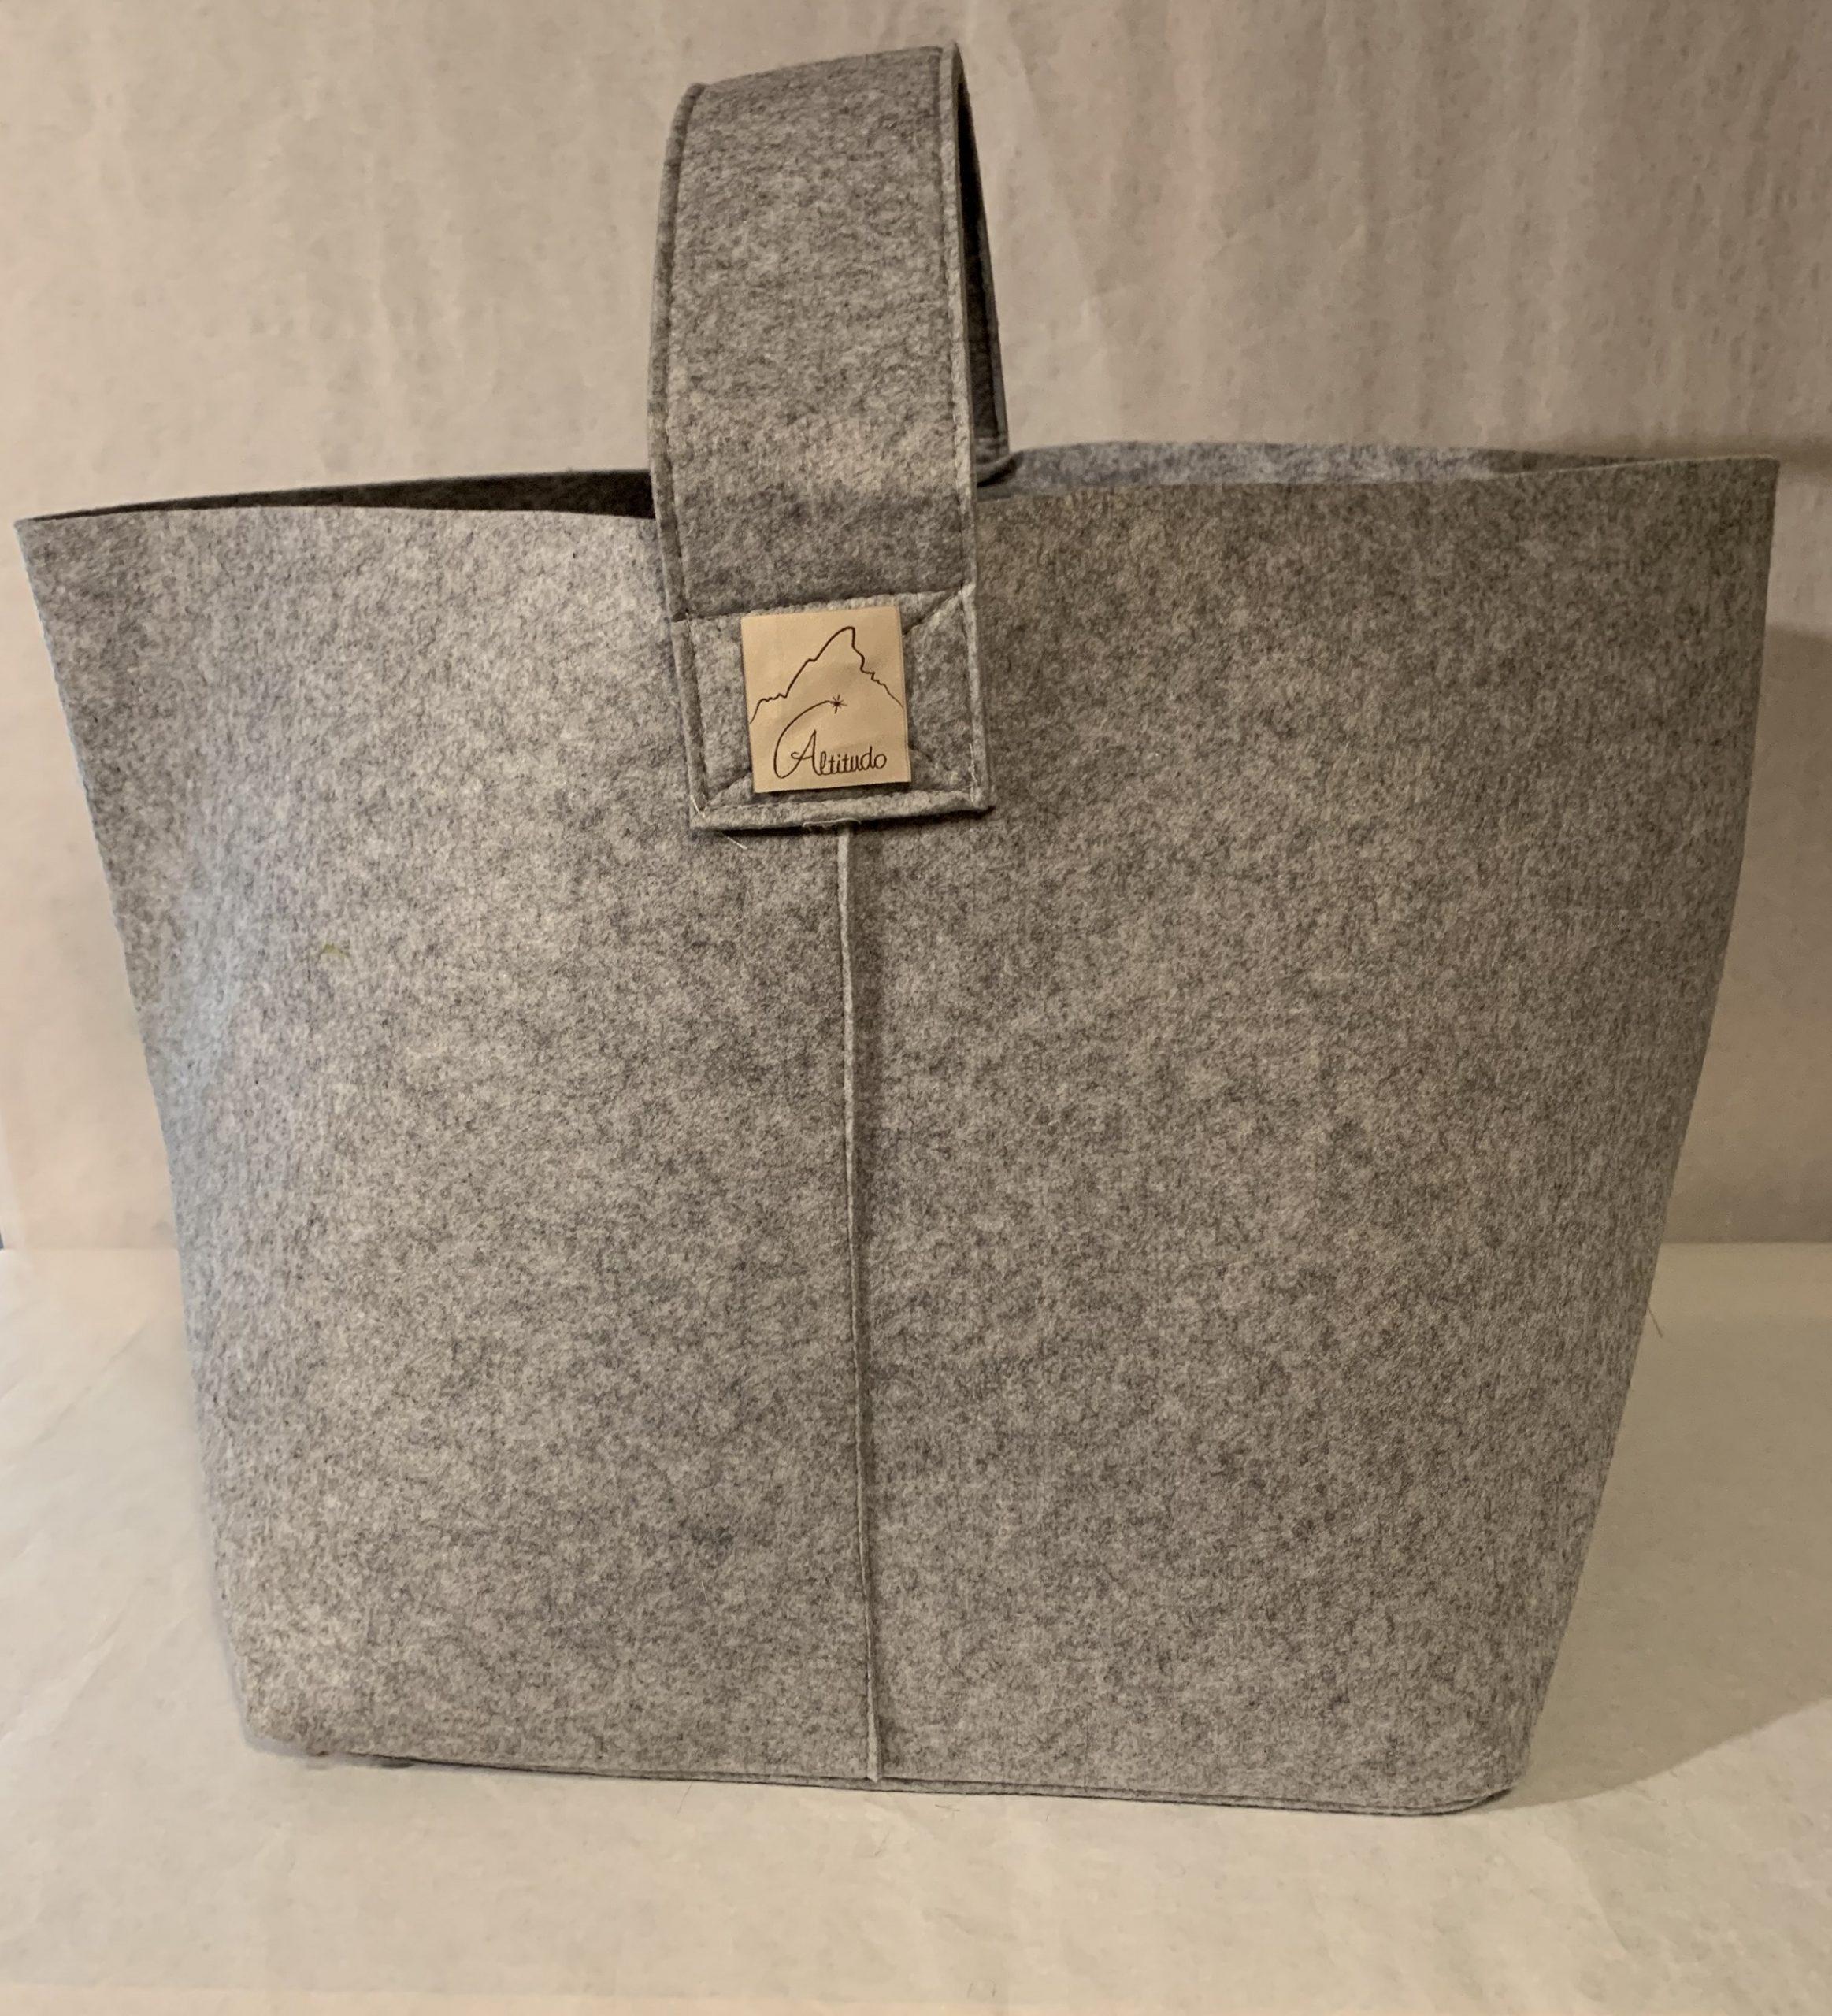 sacca porta tutto in feltro grigio, personalizzabile, ottima per legna, giornali